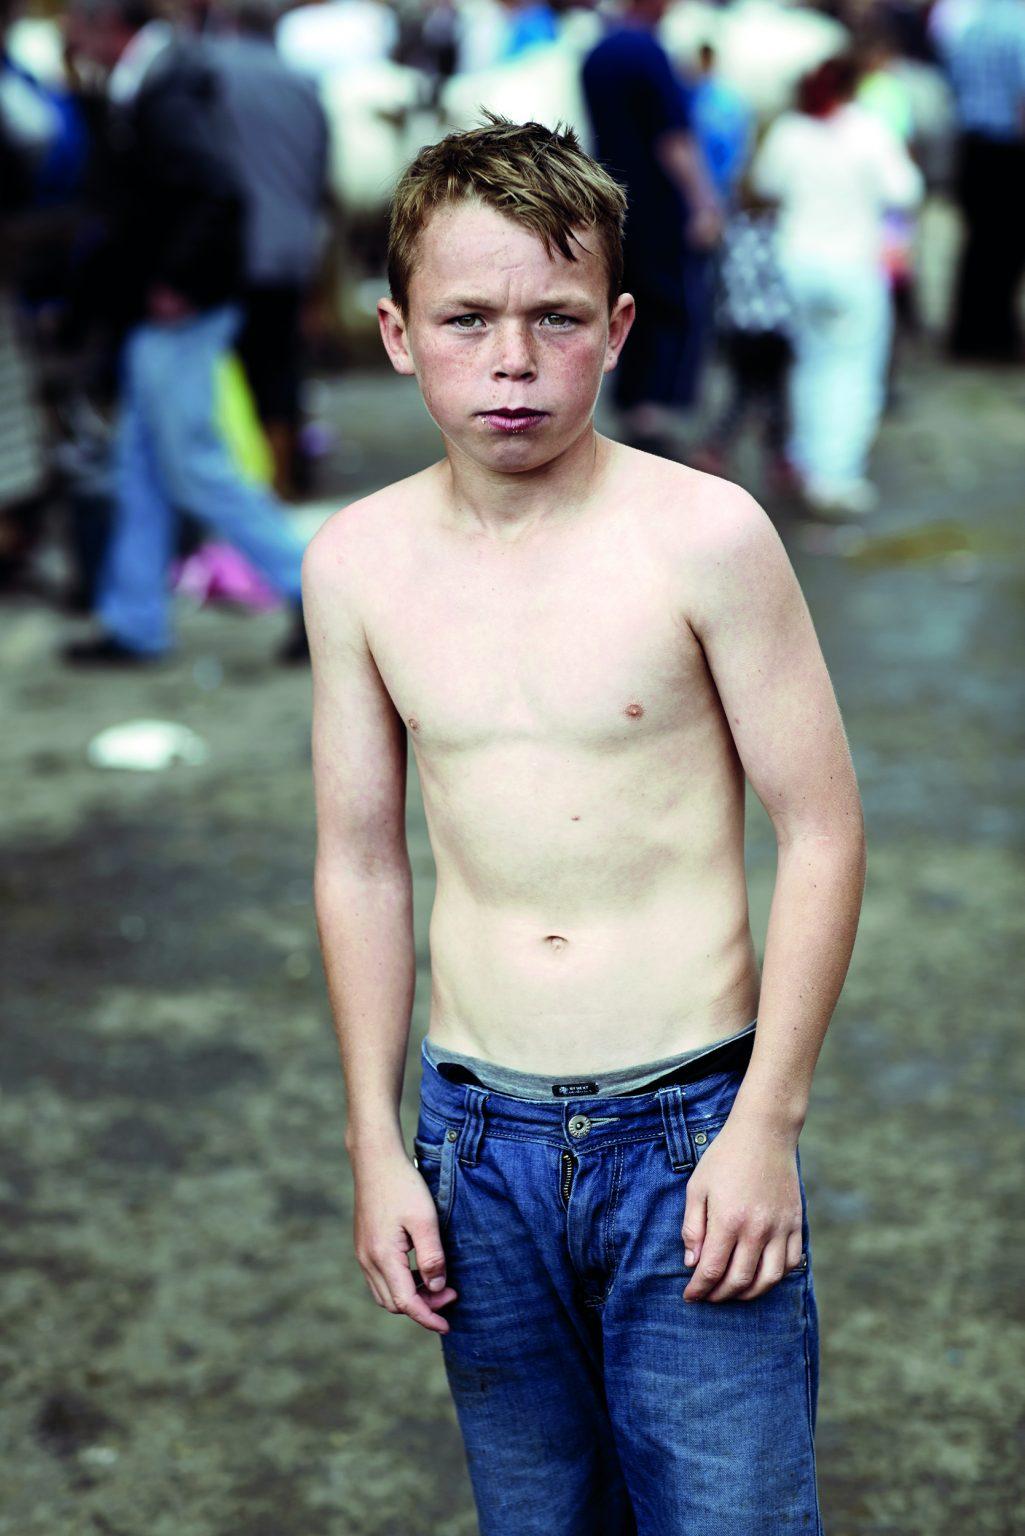 Appleby, United Kingdom, June 2014 - Appleby Horse Fair. A young jockey after the race. ><  Appleby, Regno Unito, giugno 2014 - Appleby Horse Fair. Un giovane fantino dopo la gara. *** Local Caption ***